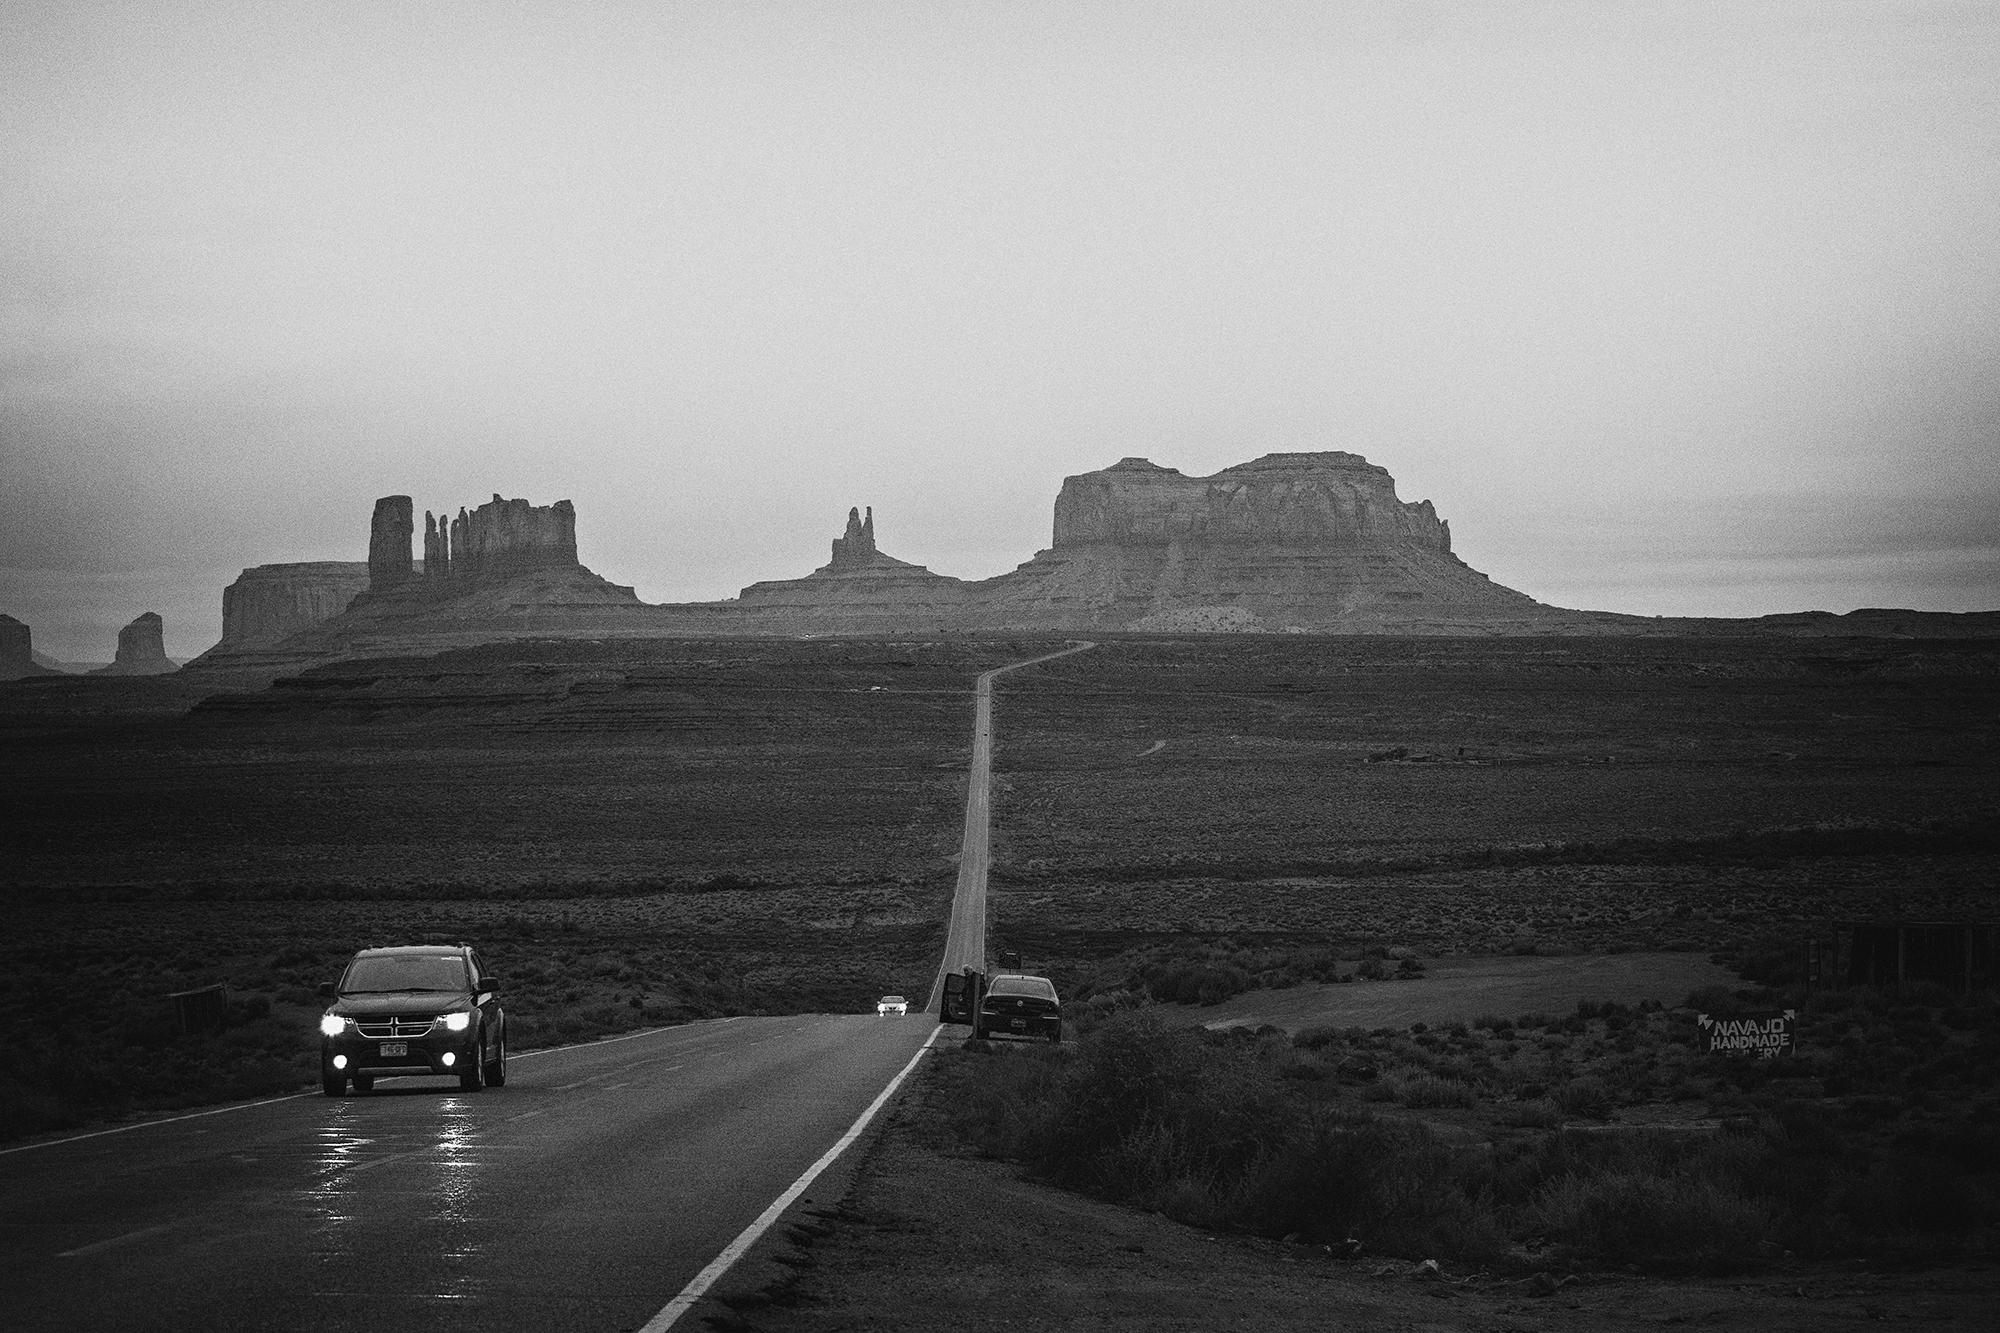 Monument Valley, Arizona, 2015